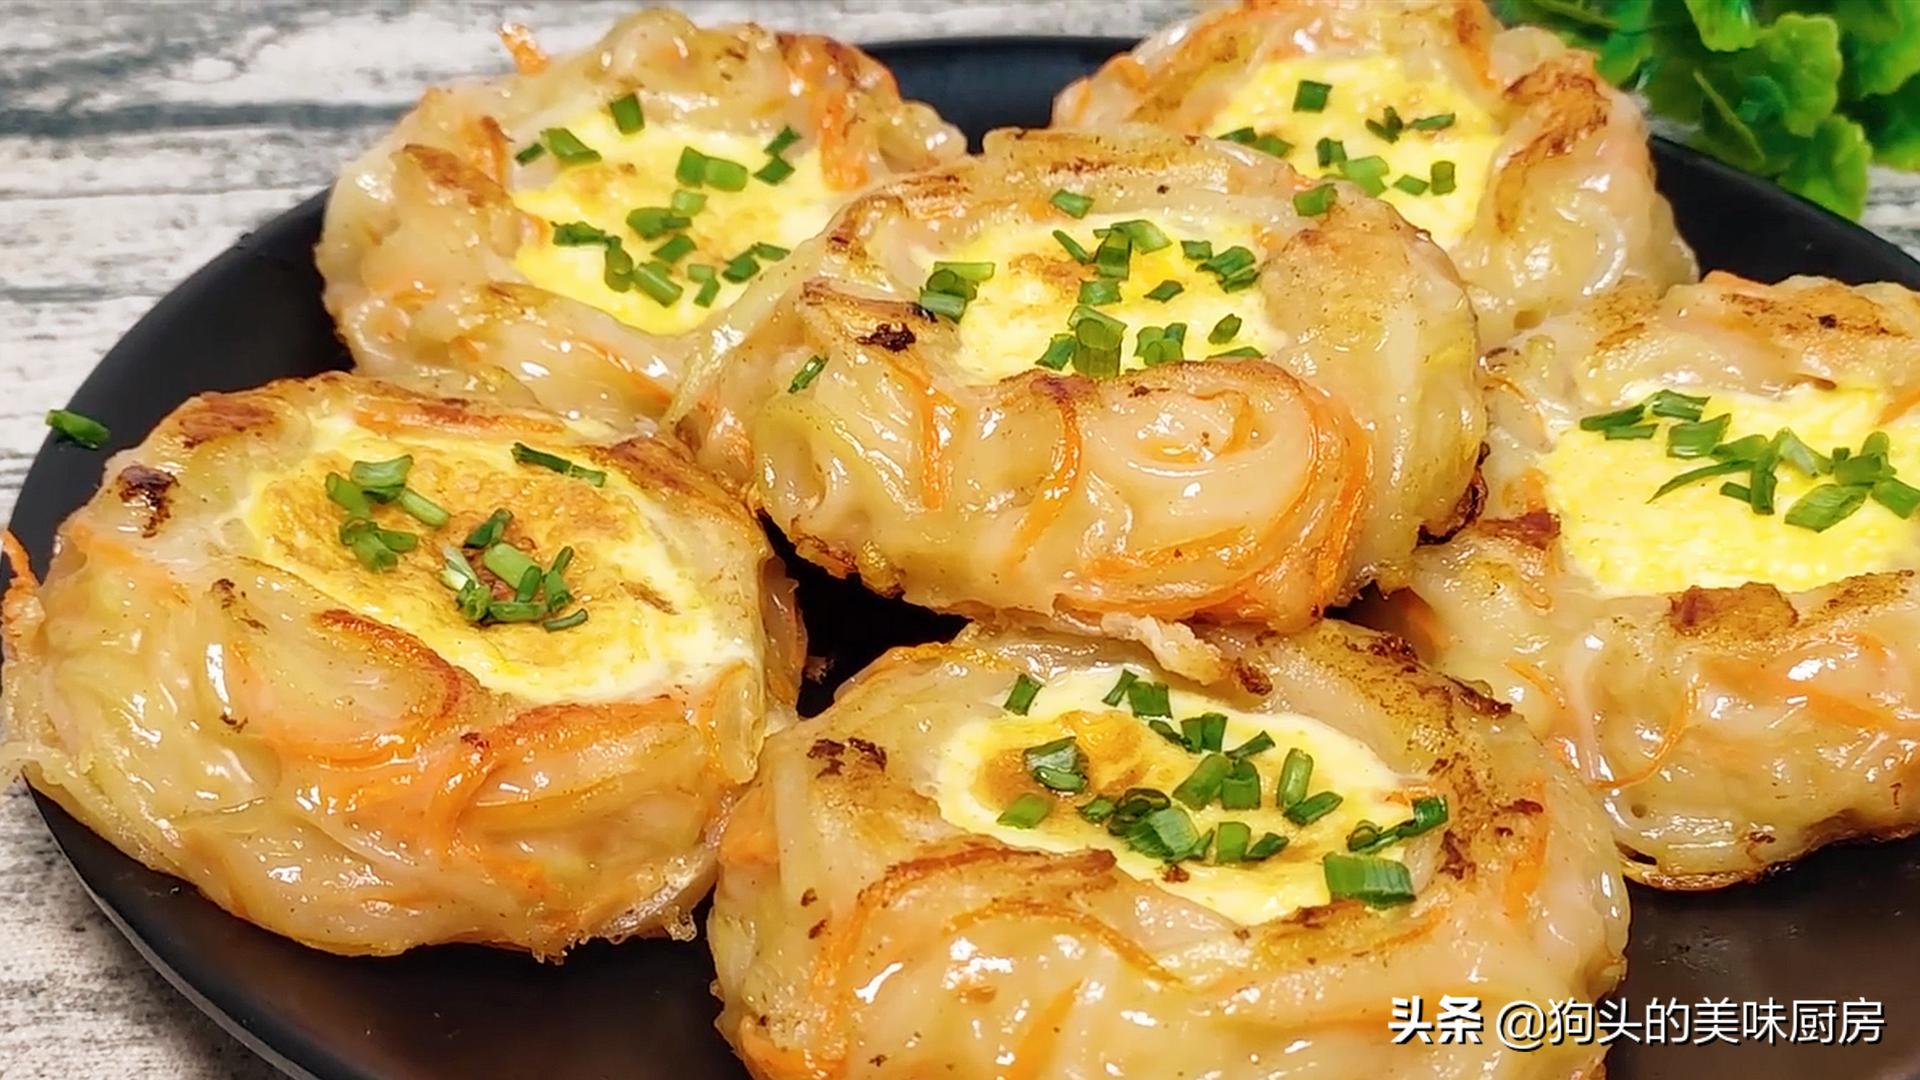 5個土豆,2個雞蛋,教你沒有吃過的做法,比肉還香,上桌就被掃光